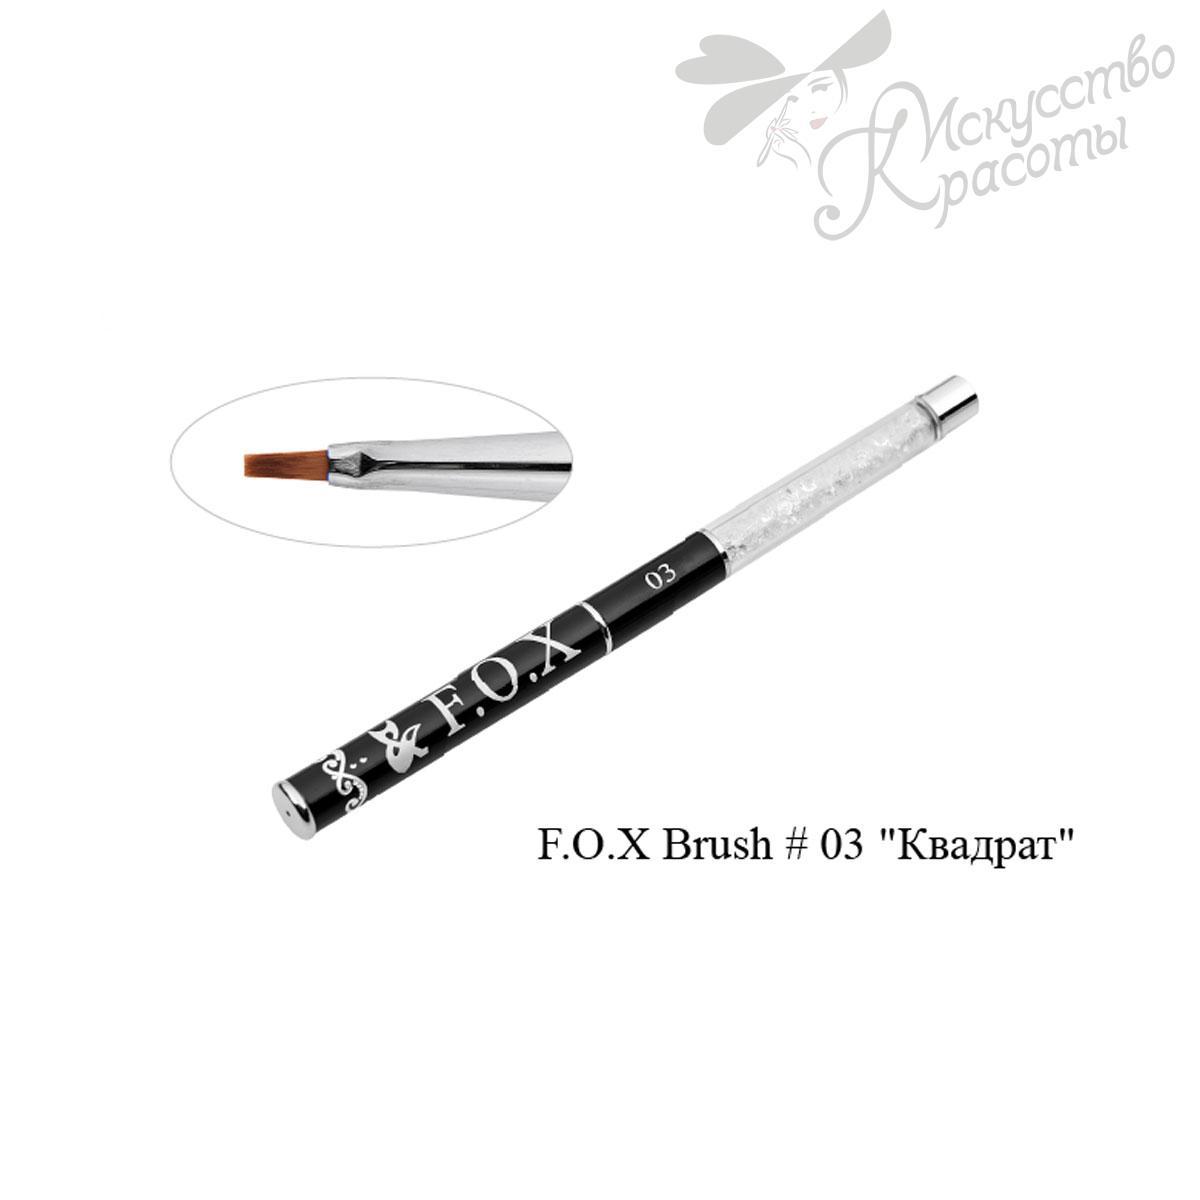 Кисть для дизайна 03 FOX